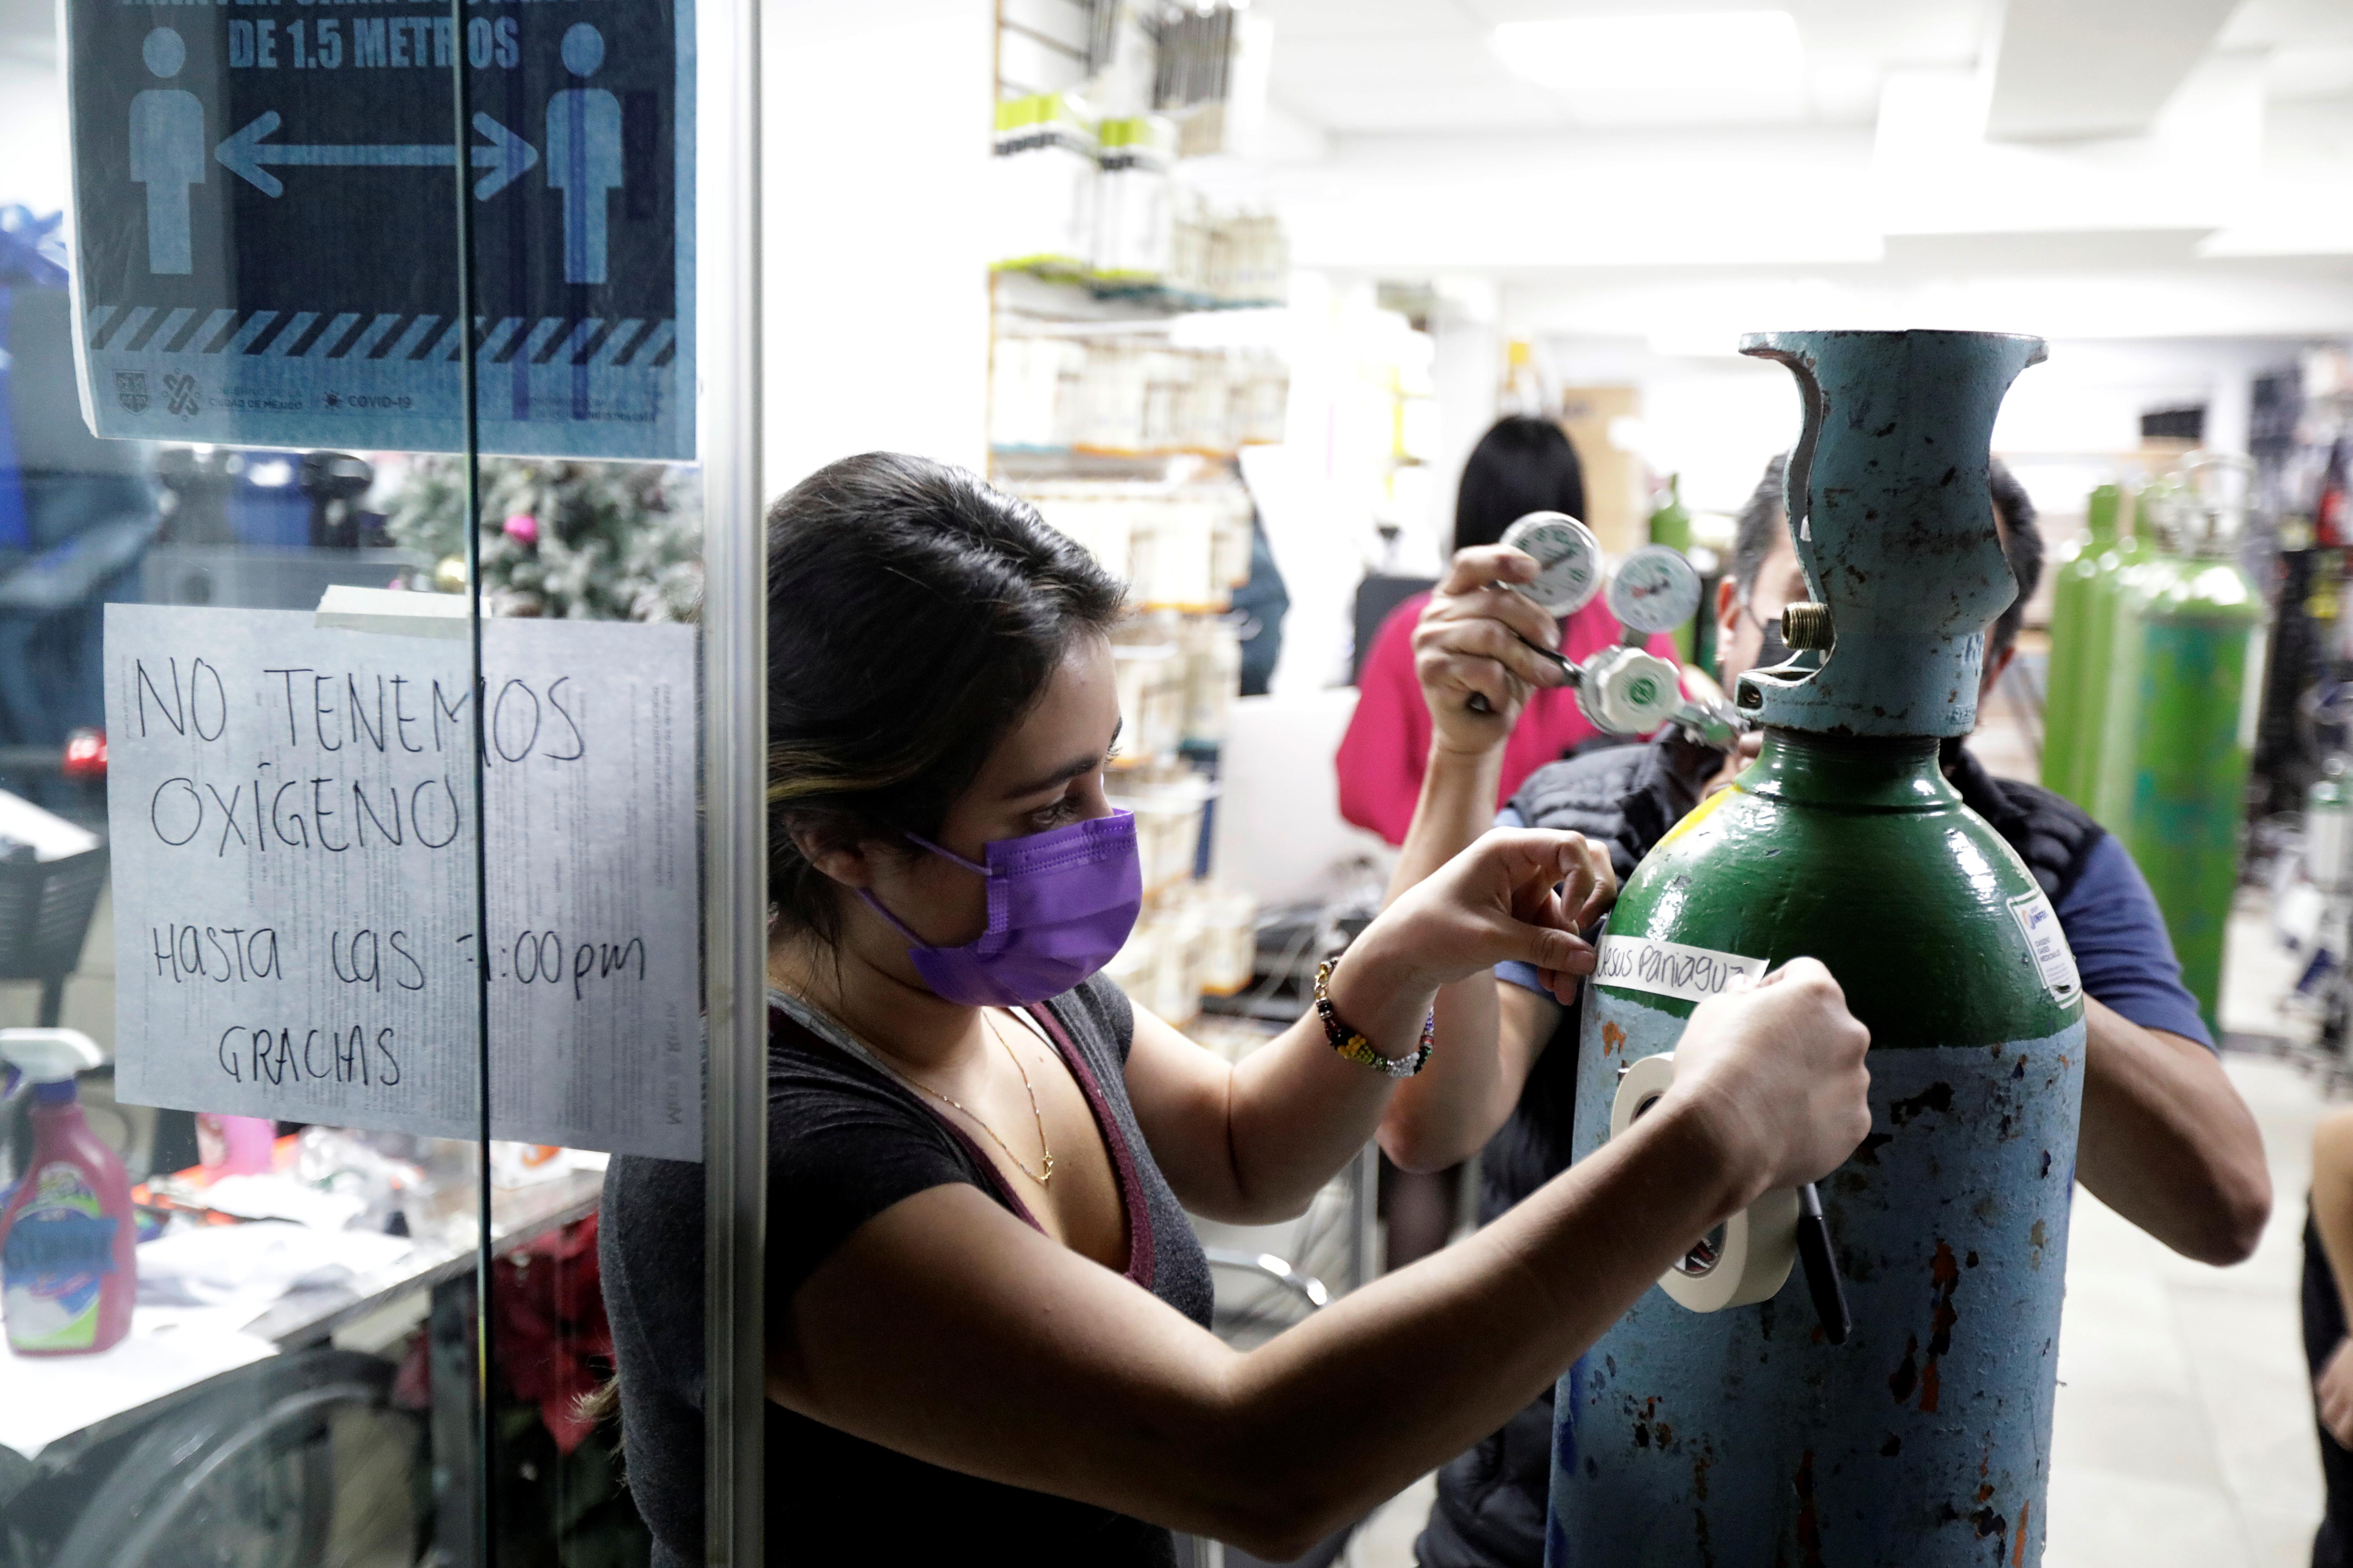 Un empleado coloca un trozo de cinta con el nombre de un paciente conCOVID-19 en un tanque de oxígeno, para llenarlo en una tienda de suministros médicos, en la Ciudad de México, México, el 15 de diciembre de 2020. Fotografía tomada el 15 de diciembre.